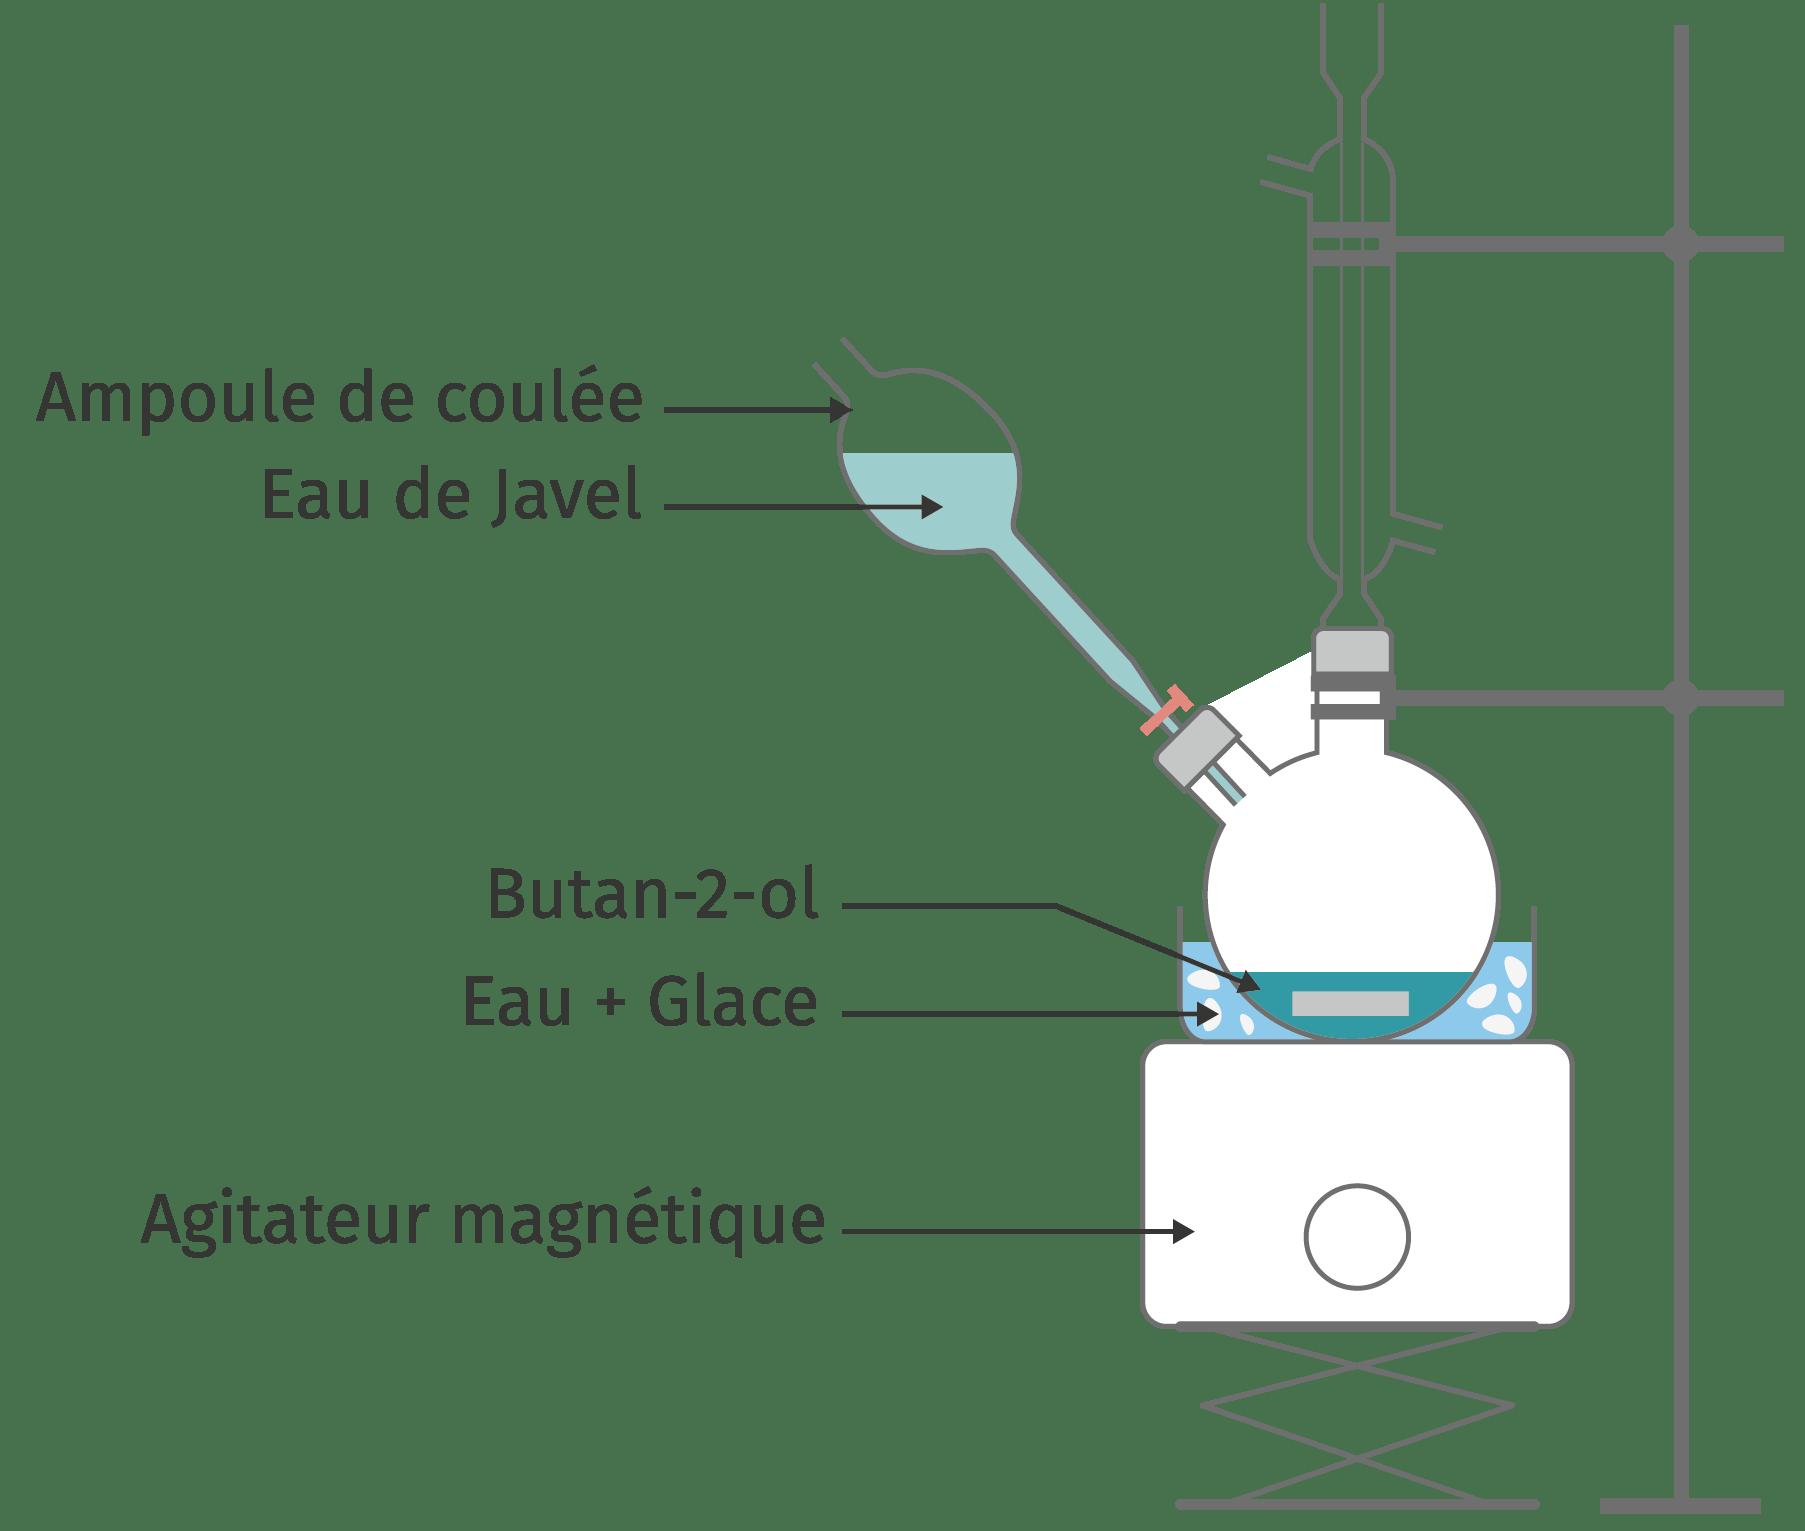 Schéma d'utilisation d'une ampoule de coudée